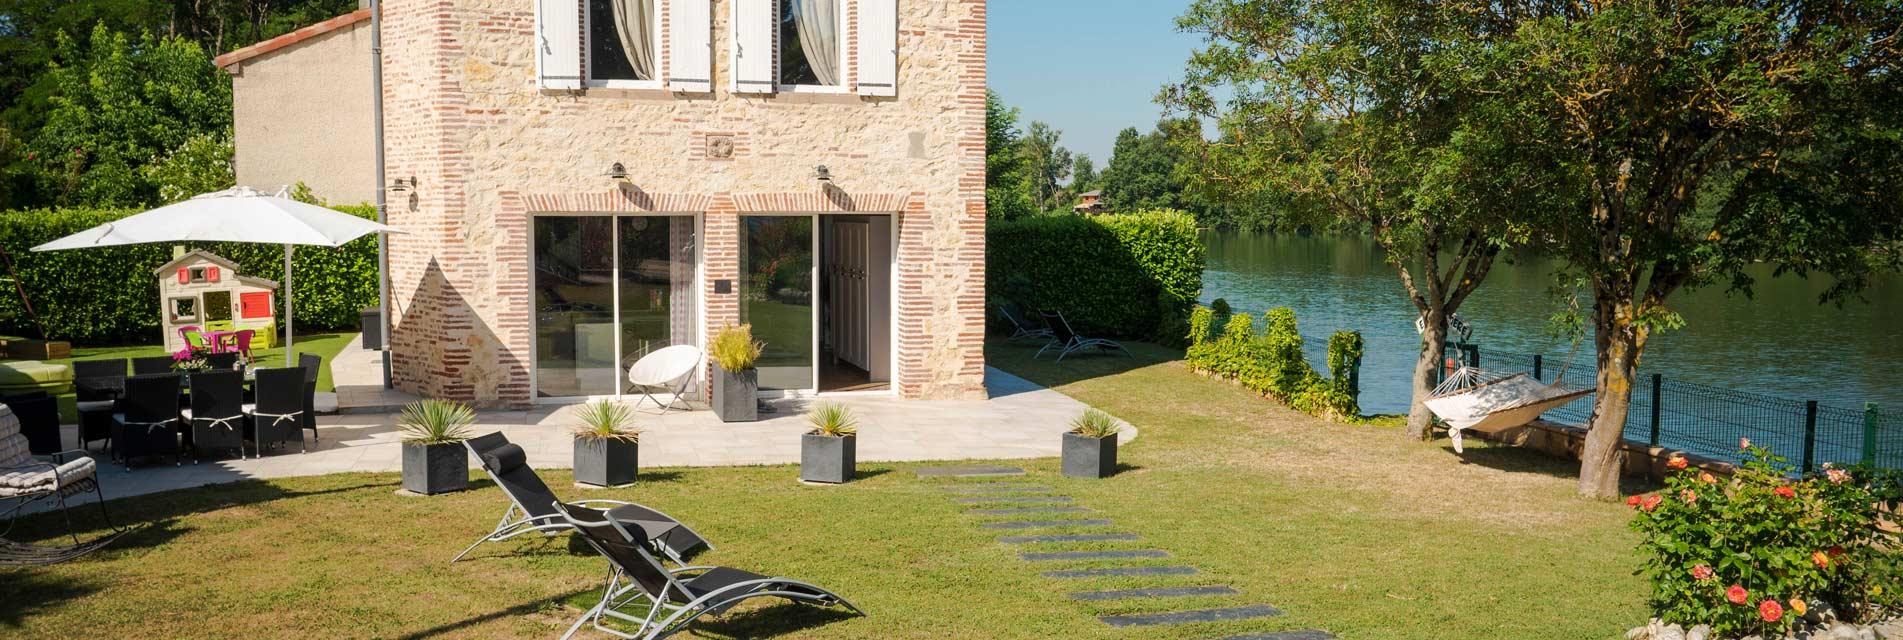 Nos locations de vacances en maison individuelle dans le Tarn en Occitanie